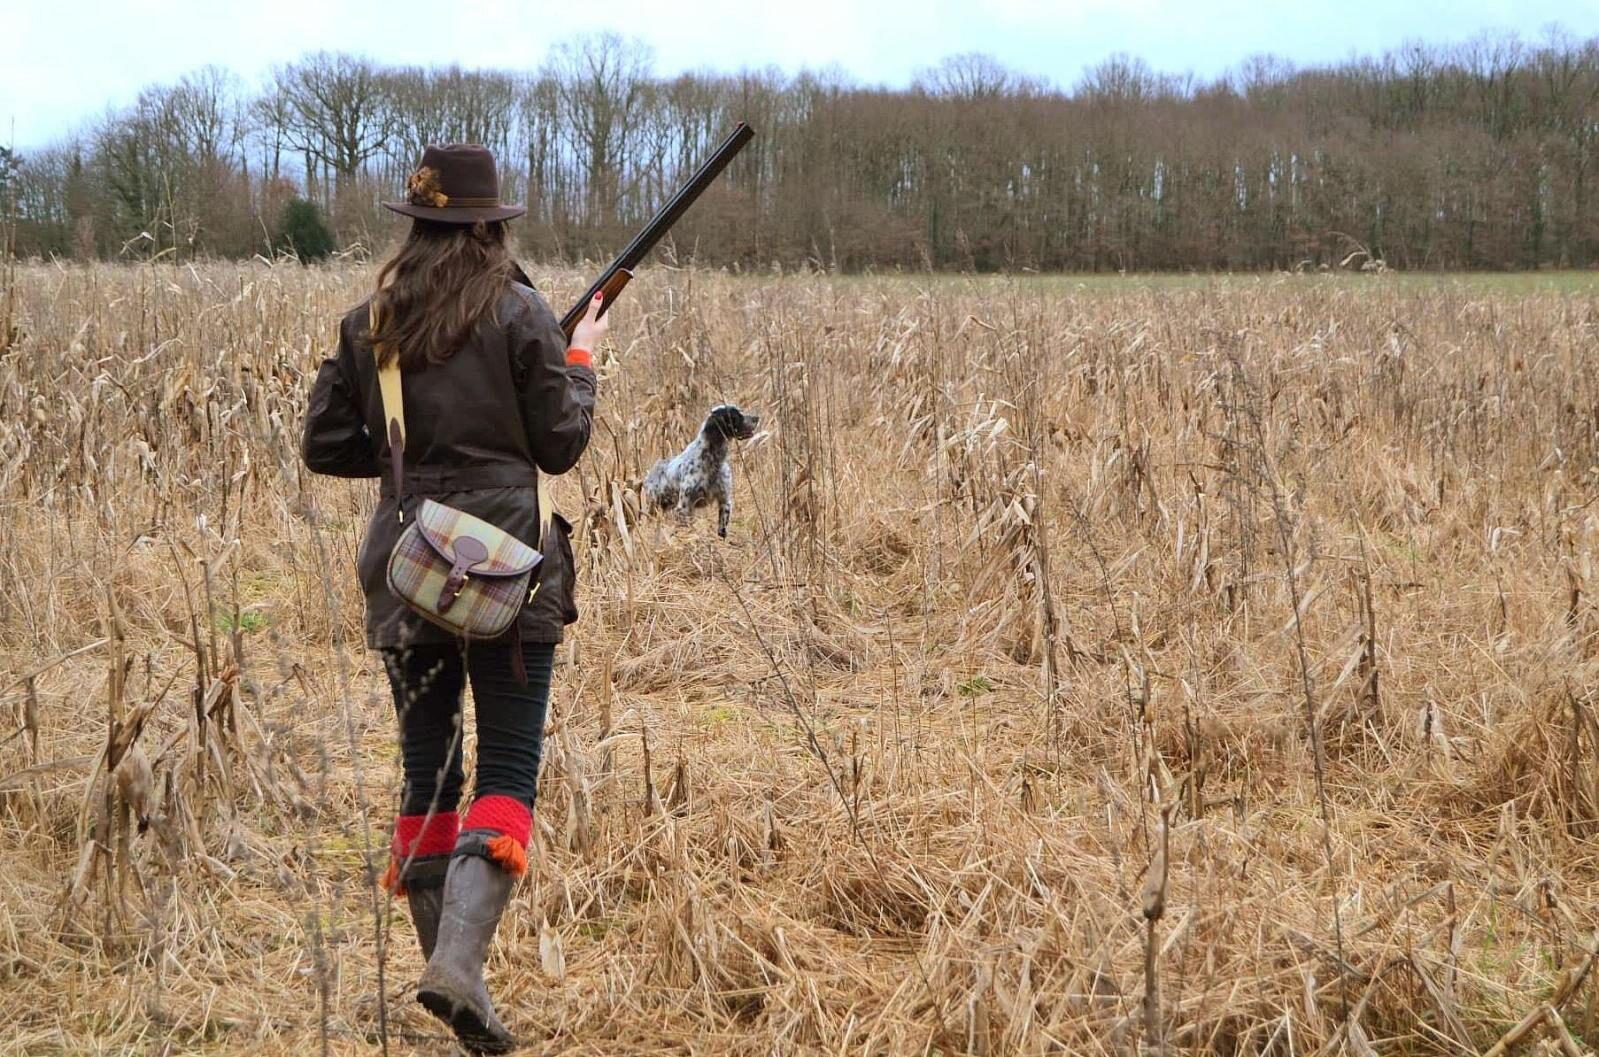 7a96384a05a Así es como los animalistas acosan a los cazadores: